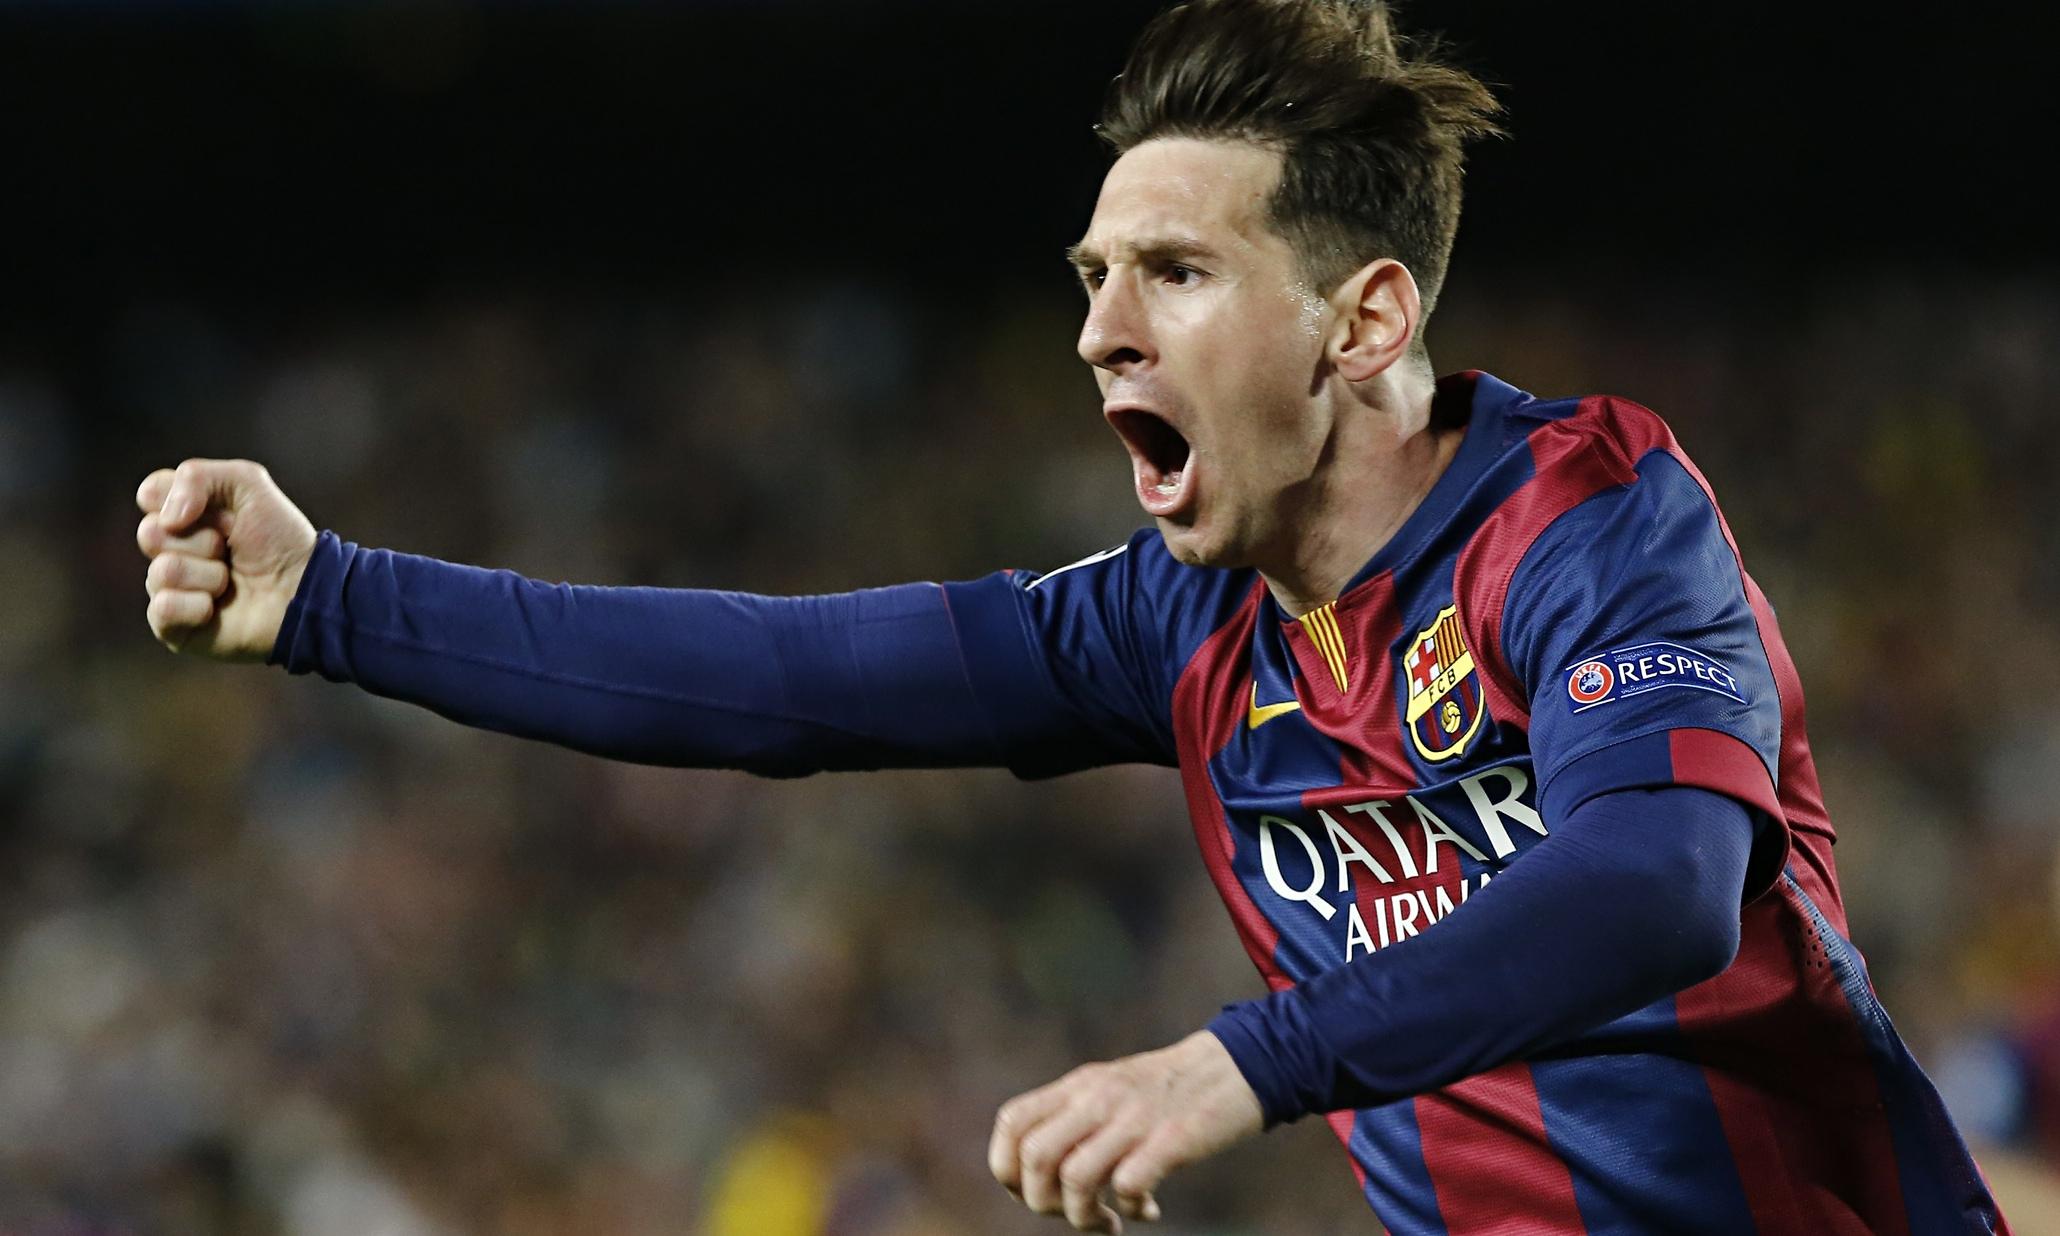 Pula para esquerda, goleiro! Sem mudar lado, Messi marca 6 de falta na temporada